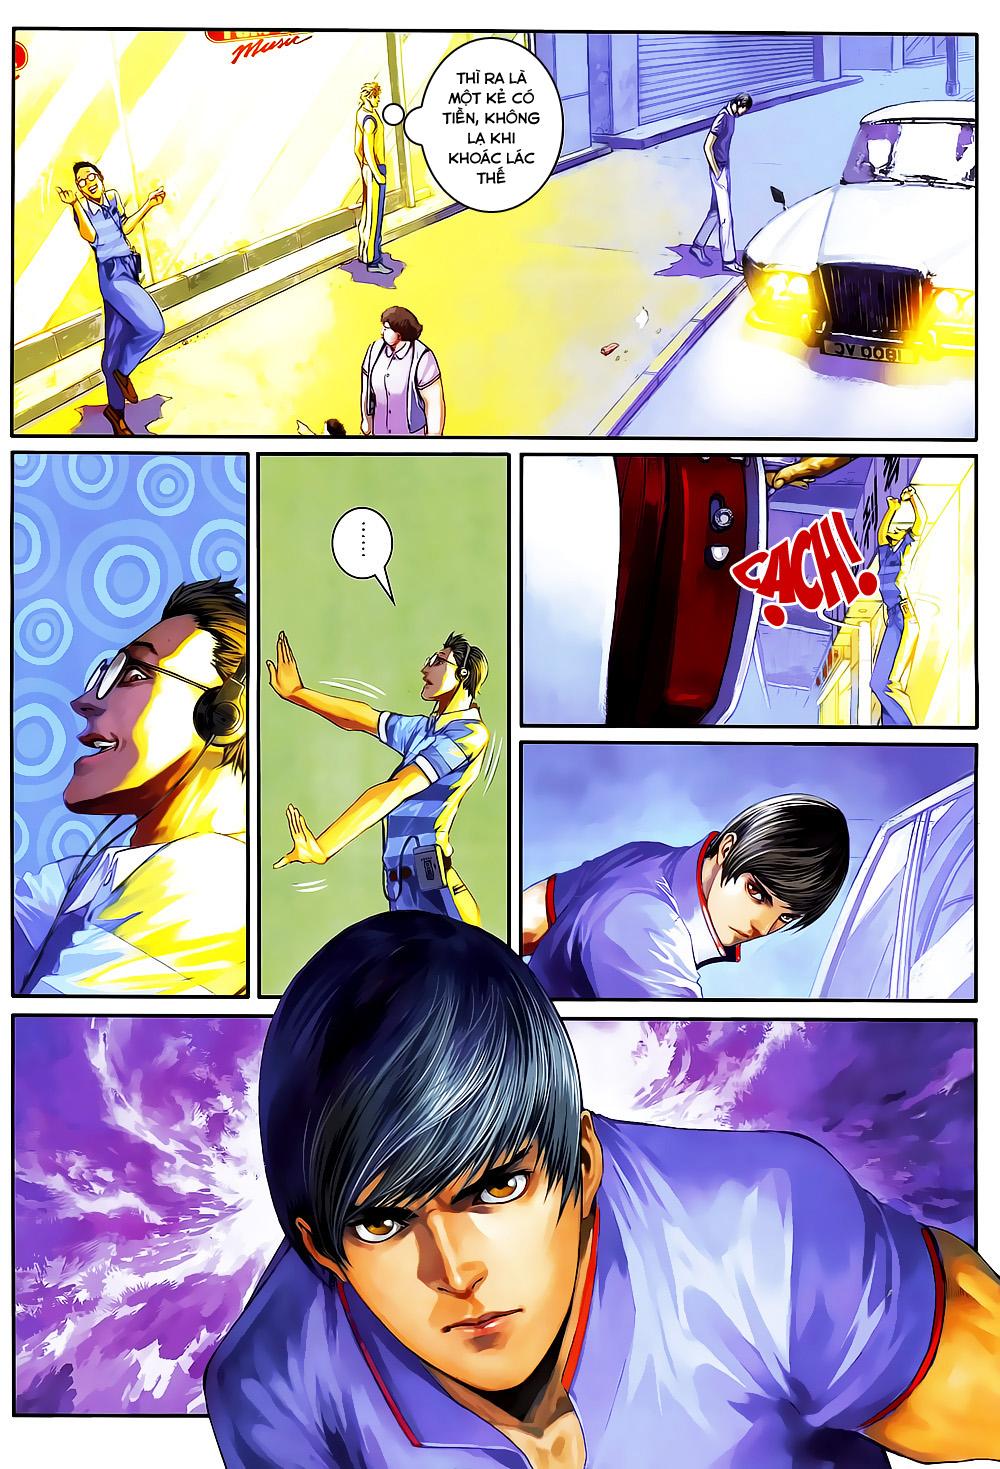 Quyền Đạo chapter 4 trang 11